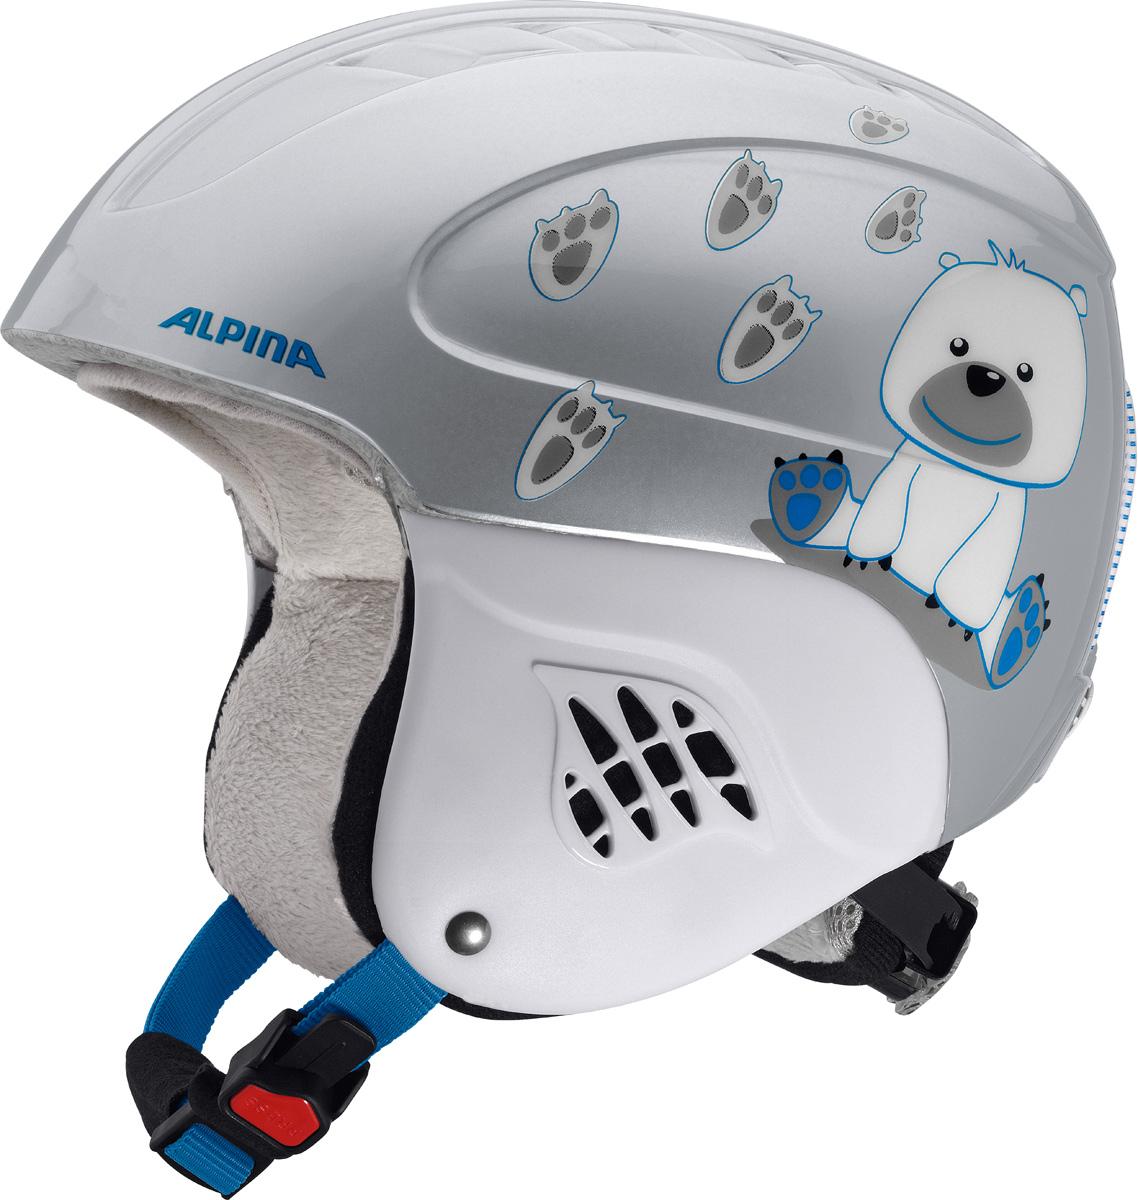 Шлем горнолыжный детский Alpina Carat, цвет: белый. A9035_86. Размер 51-55A9035_86Дети считают, что главное это внешний вид. У родителей защита в приоритете. Эта модель Alpina Carat идеально удовлетворяет требованиям обоих поколений. Технологии:Inmold Tec – технология соединения внутренней и внешней части шлема при помощи высокой температуры. Данный метод делает соединение исключительно прочным, а сам шлем легким. Такой метод соединения гораздо надежнее и безопаснее обычного склеивания. Ceramic – особая технология производства внешней оболочки шлема. Используются легковесные материалы экстремально прочные и устойчивые к царапинам. Возможно использование при сильном УФ изучении, так же поверхность имеет антистатическое покрытие. Run System – простая система настройки шлема, позволяющая добиться надежной фиксации. Changeable Interior – съемная внутренняя часть. Допускается стирка в теплой мыльной воде. Neckwarmer – дополнительное утепление шеи. Изготовлено из мягкого флиса. Venting System – особые вентиляционные отверстия для отведения излишнего тепла и поддержания оптимальной температуры.Как выбрать горные лыжи для ребёнка. Статья OZON Гид